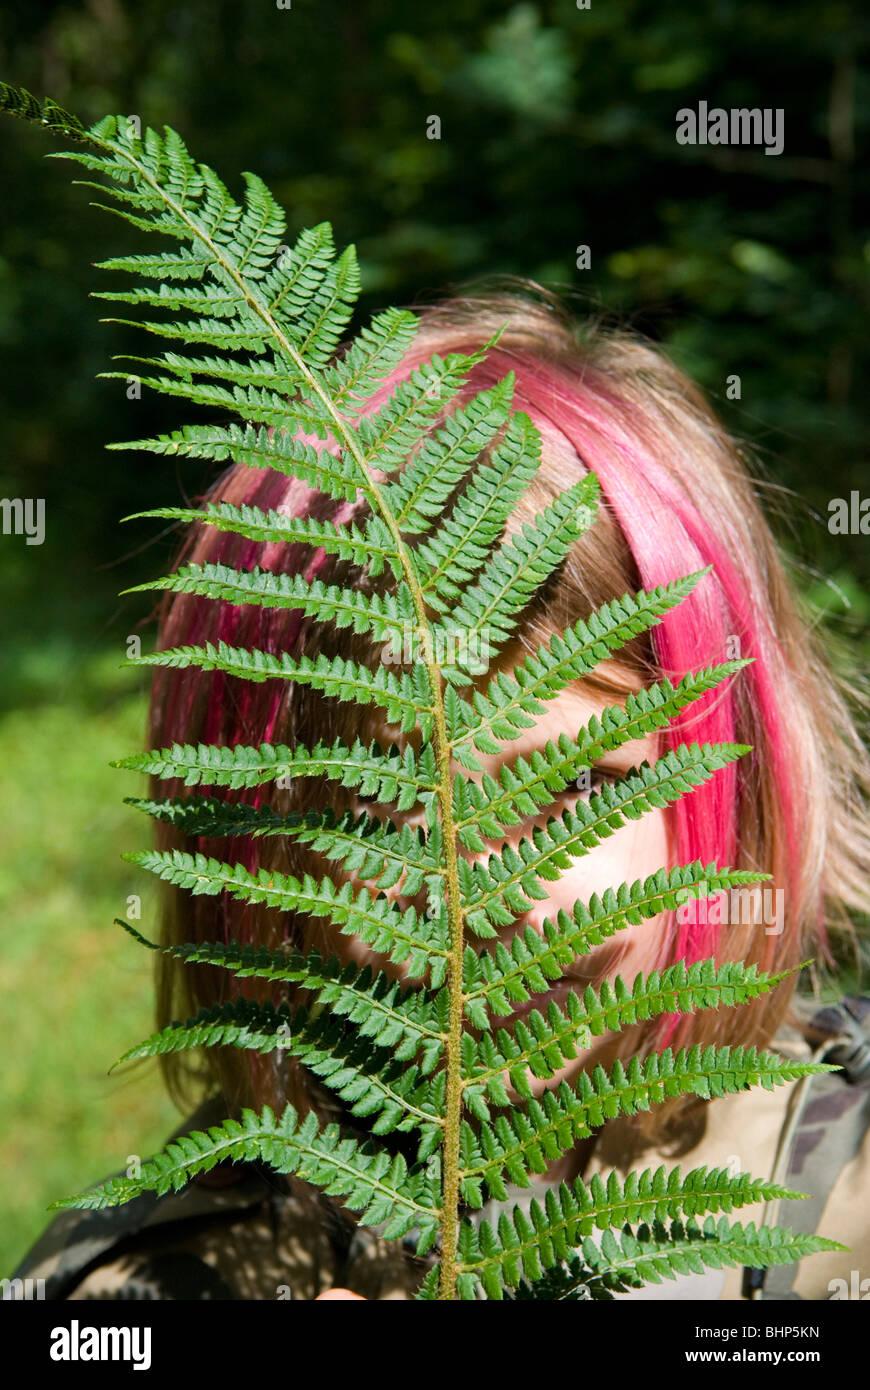 ein junges Mädchen mit rosa gefärbten Haaren in Bob verbirgt sich hinter einer leuchtend grünen Farn Stockbild